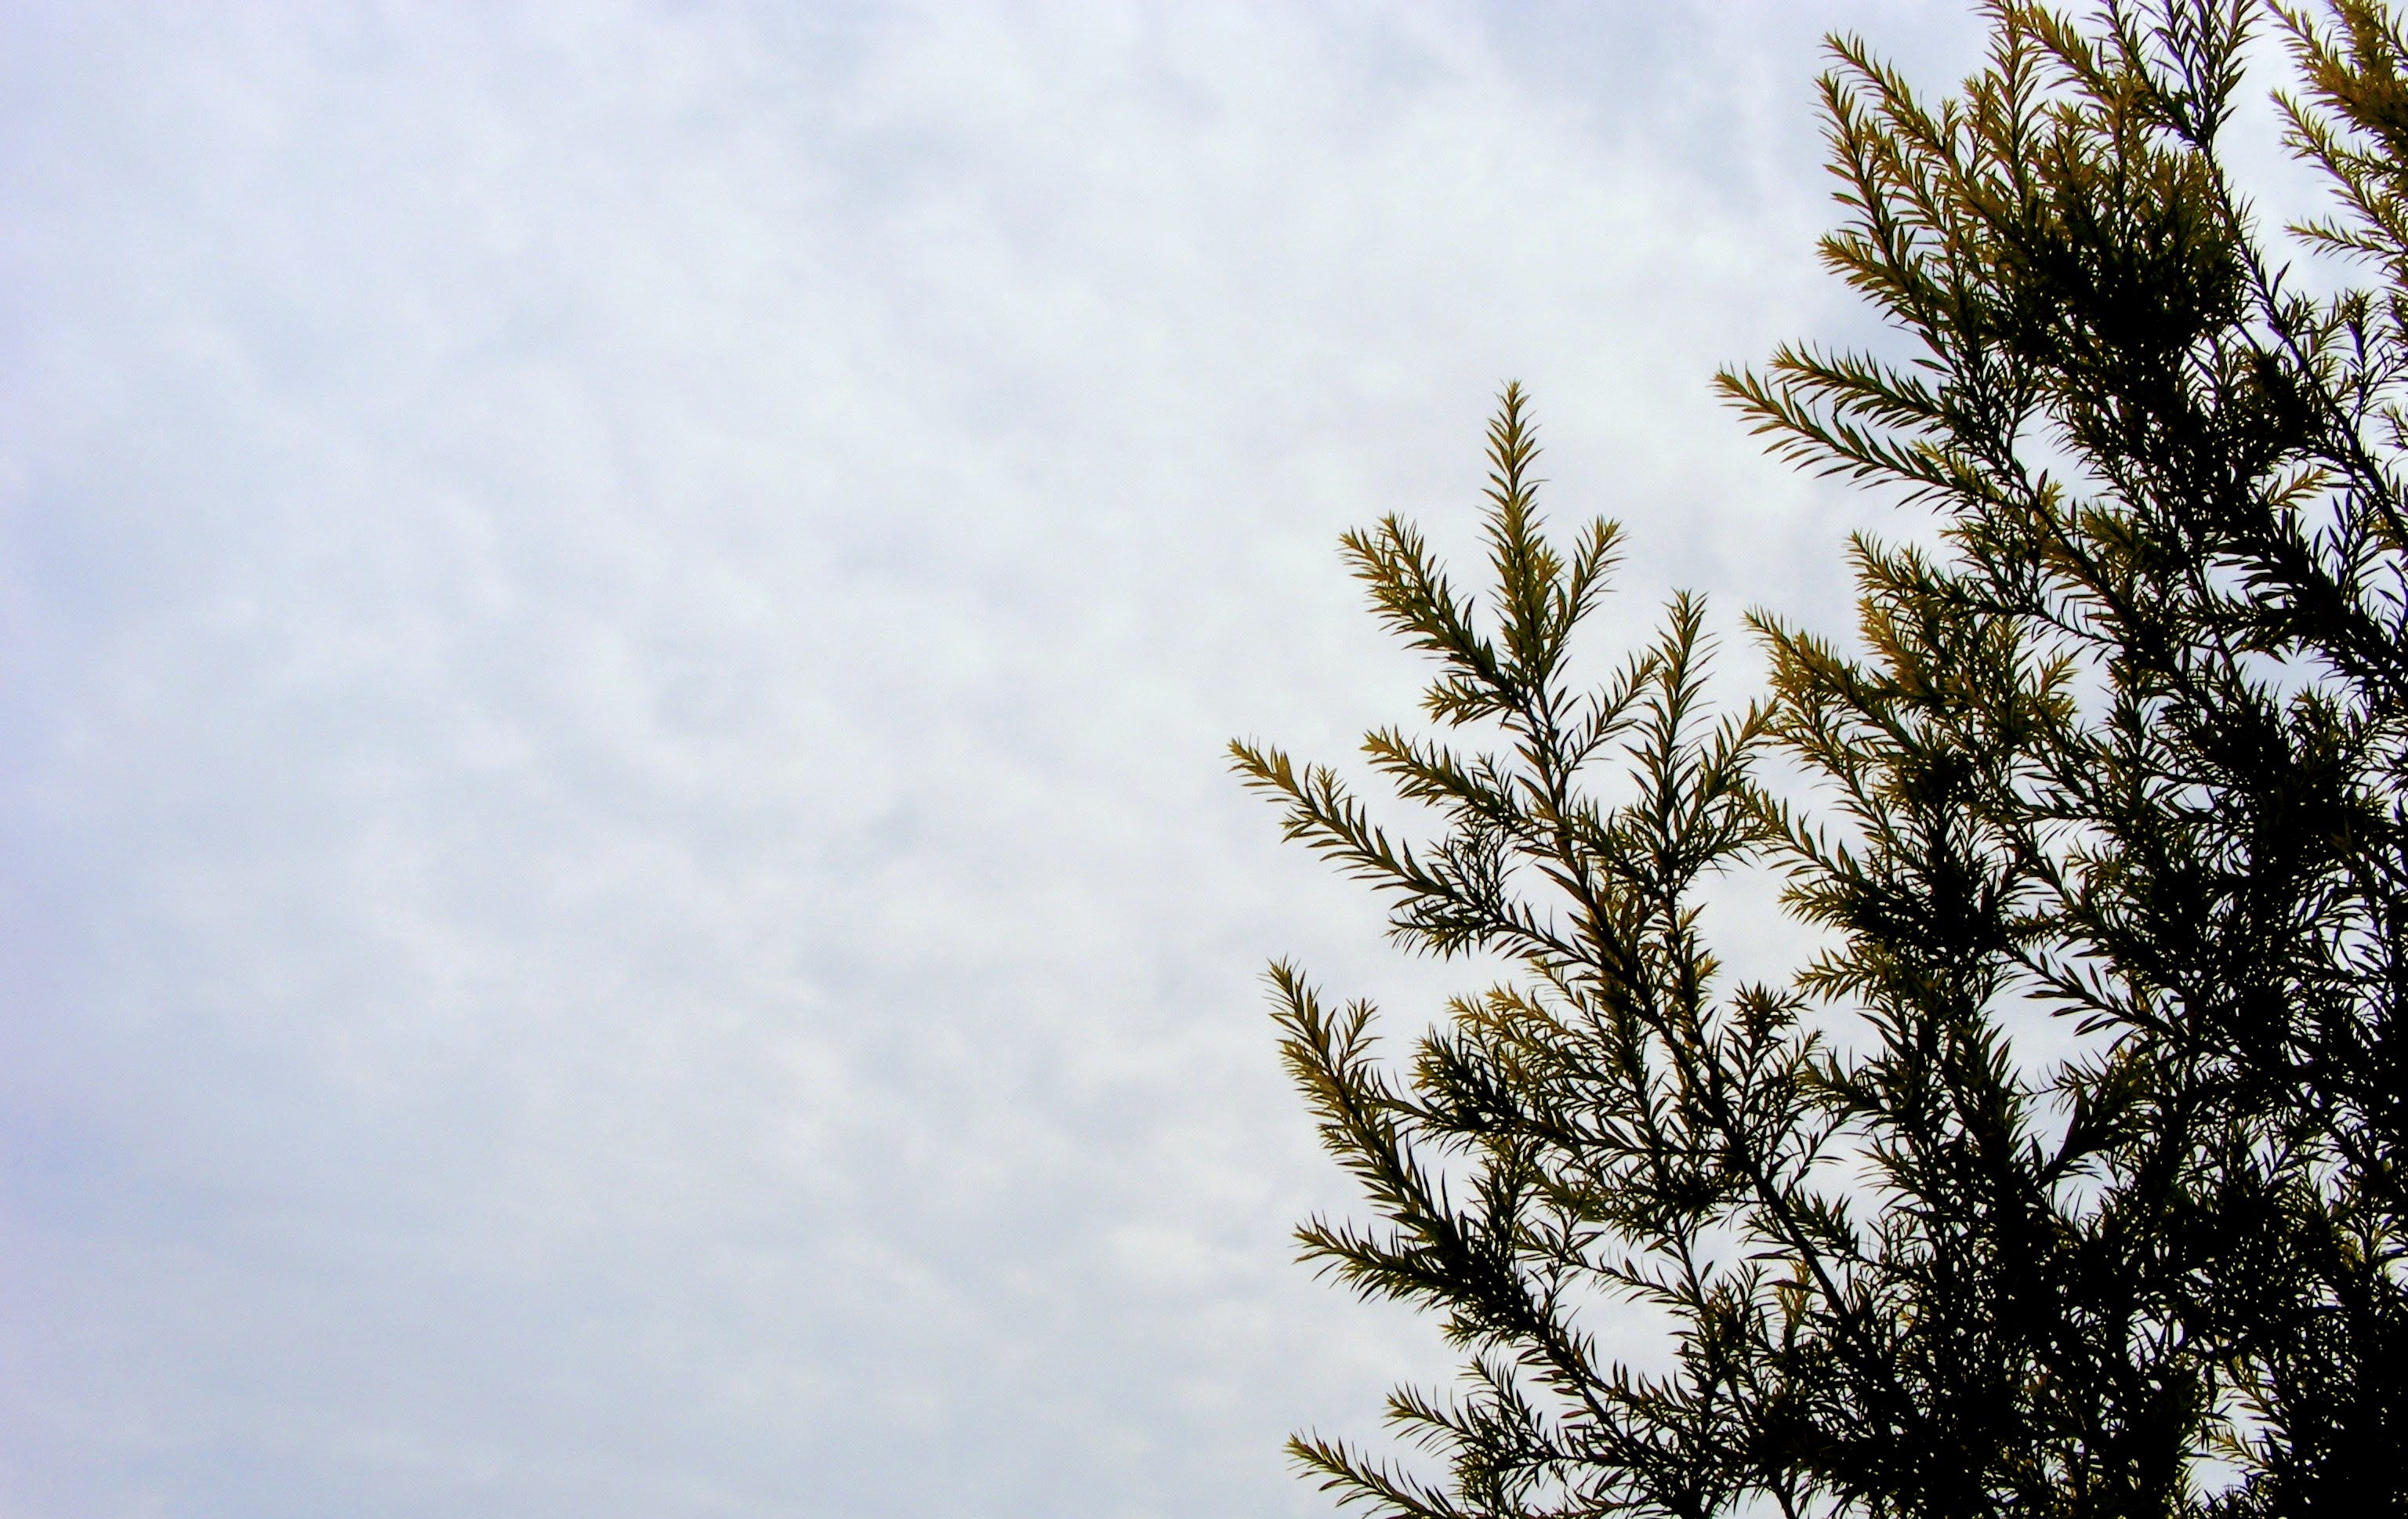 Fur Tree Under Cumulus Clouds